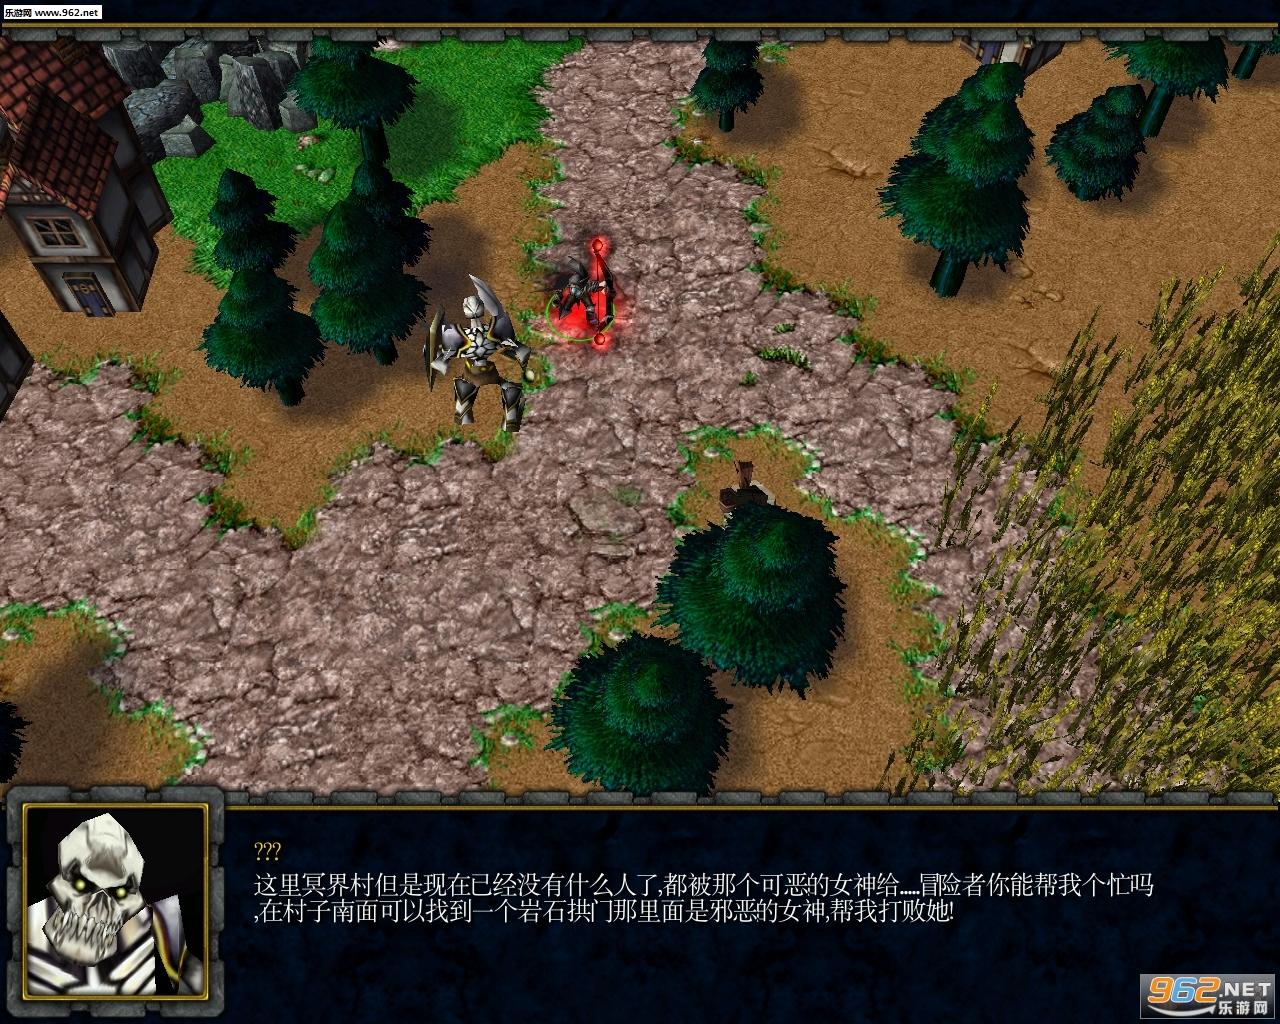 魔兽rpg地图 死后重生1.0正式版 附攻略下载-乐游网